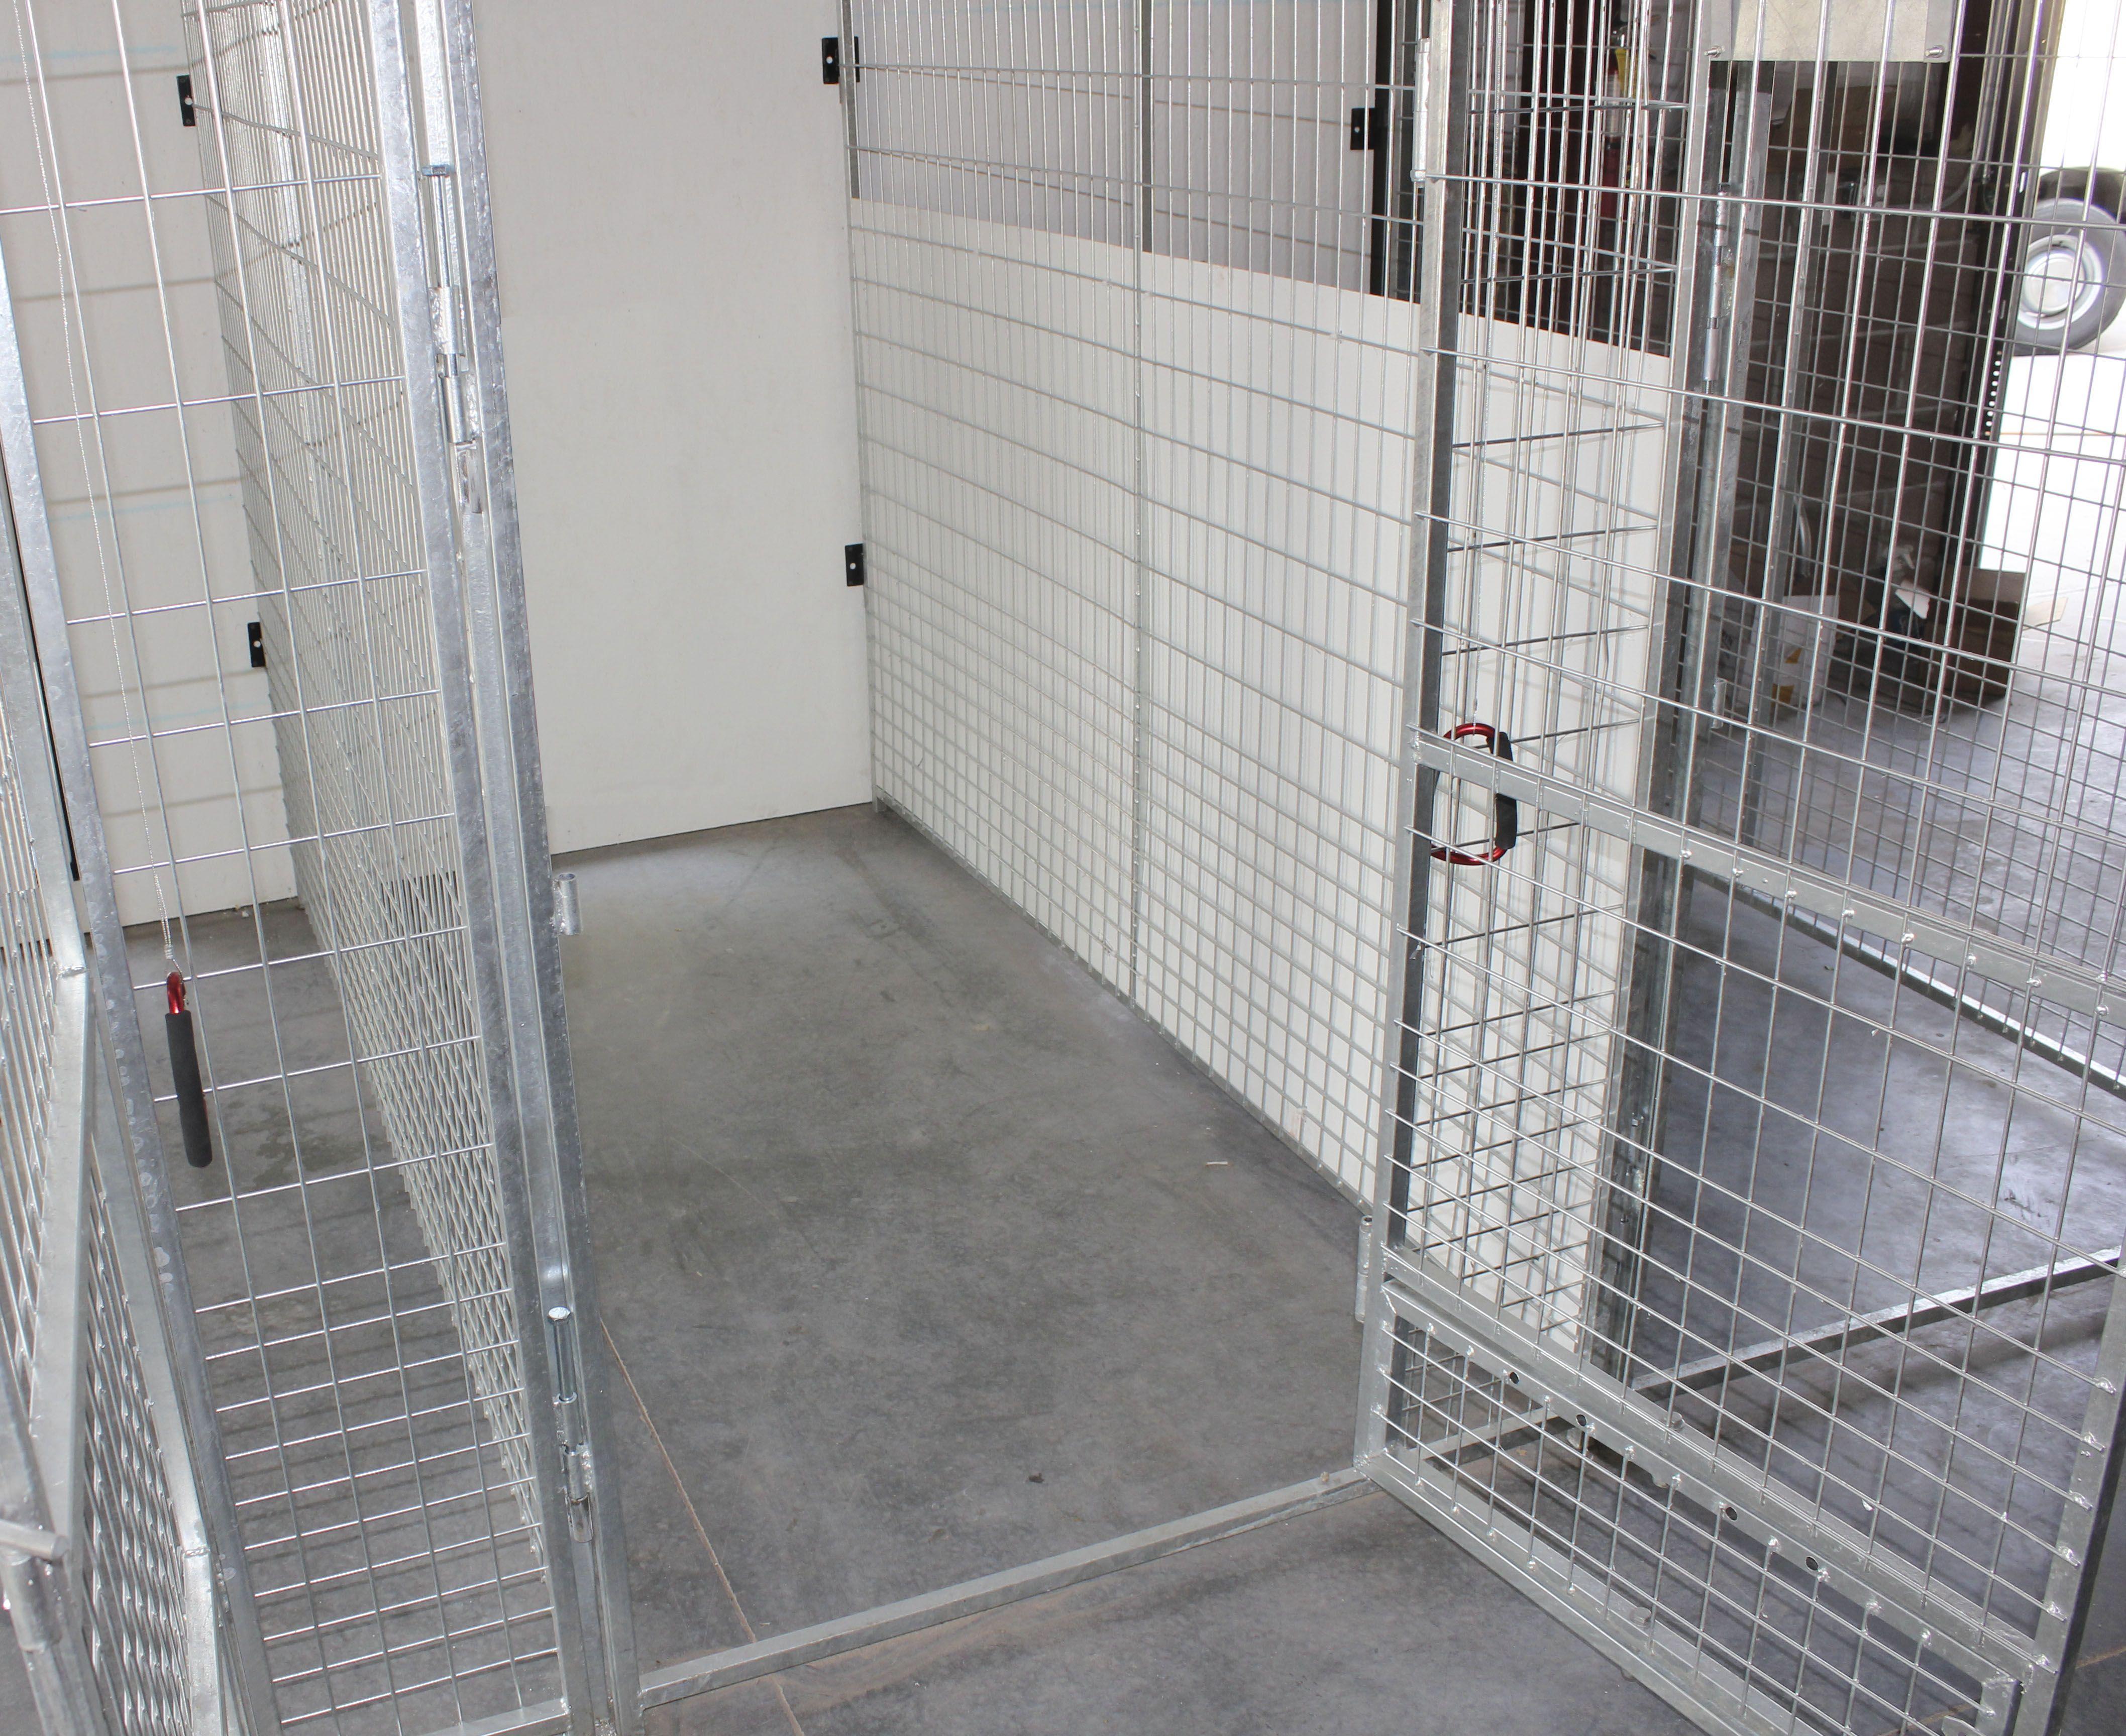 k9 kennel no back multiple dog run system Dog boarding